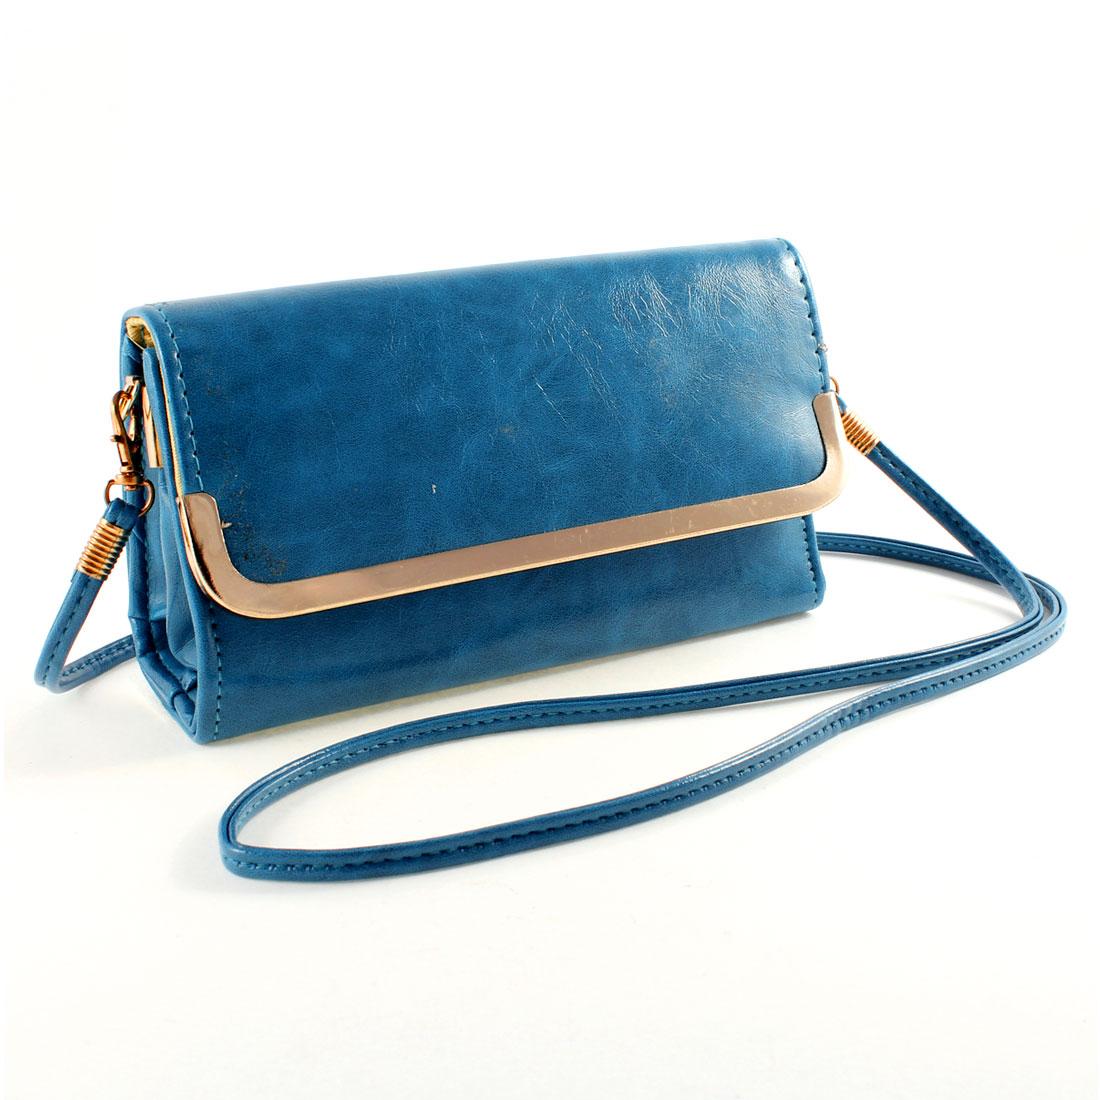 Portable Faux Leather Nylon Linning Shoulder Bag Handbag Teal Blue for Ladies